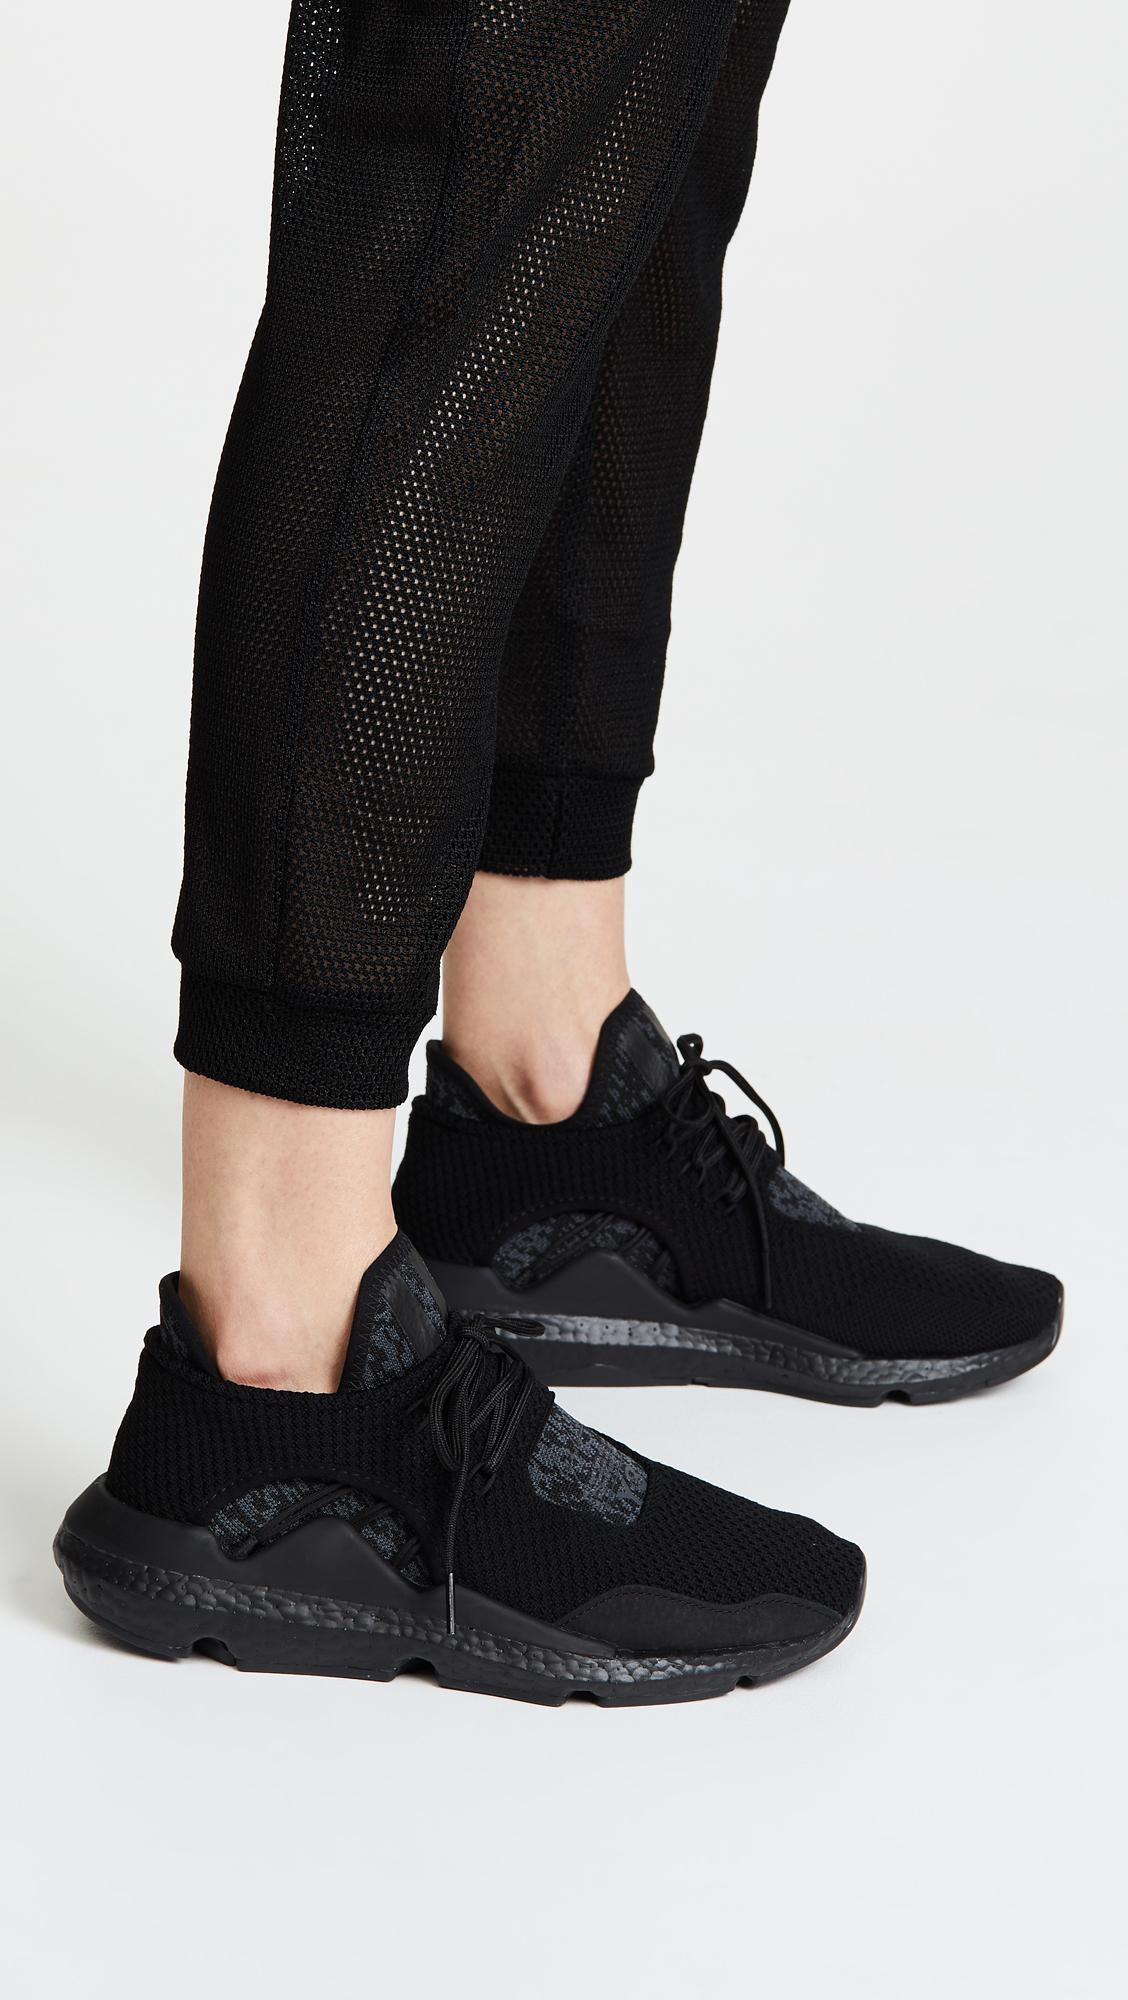 9575405b7a62c Y-3 Y-3 Saikou Sneakers